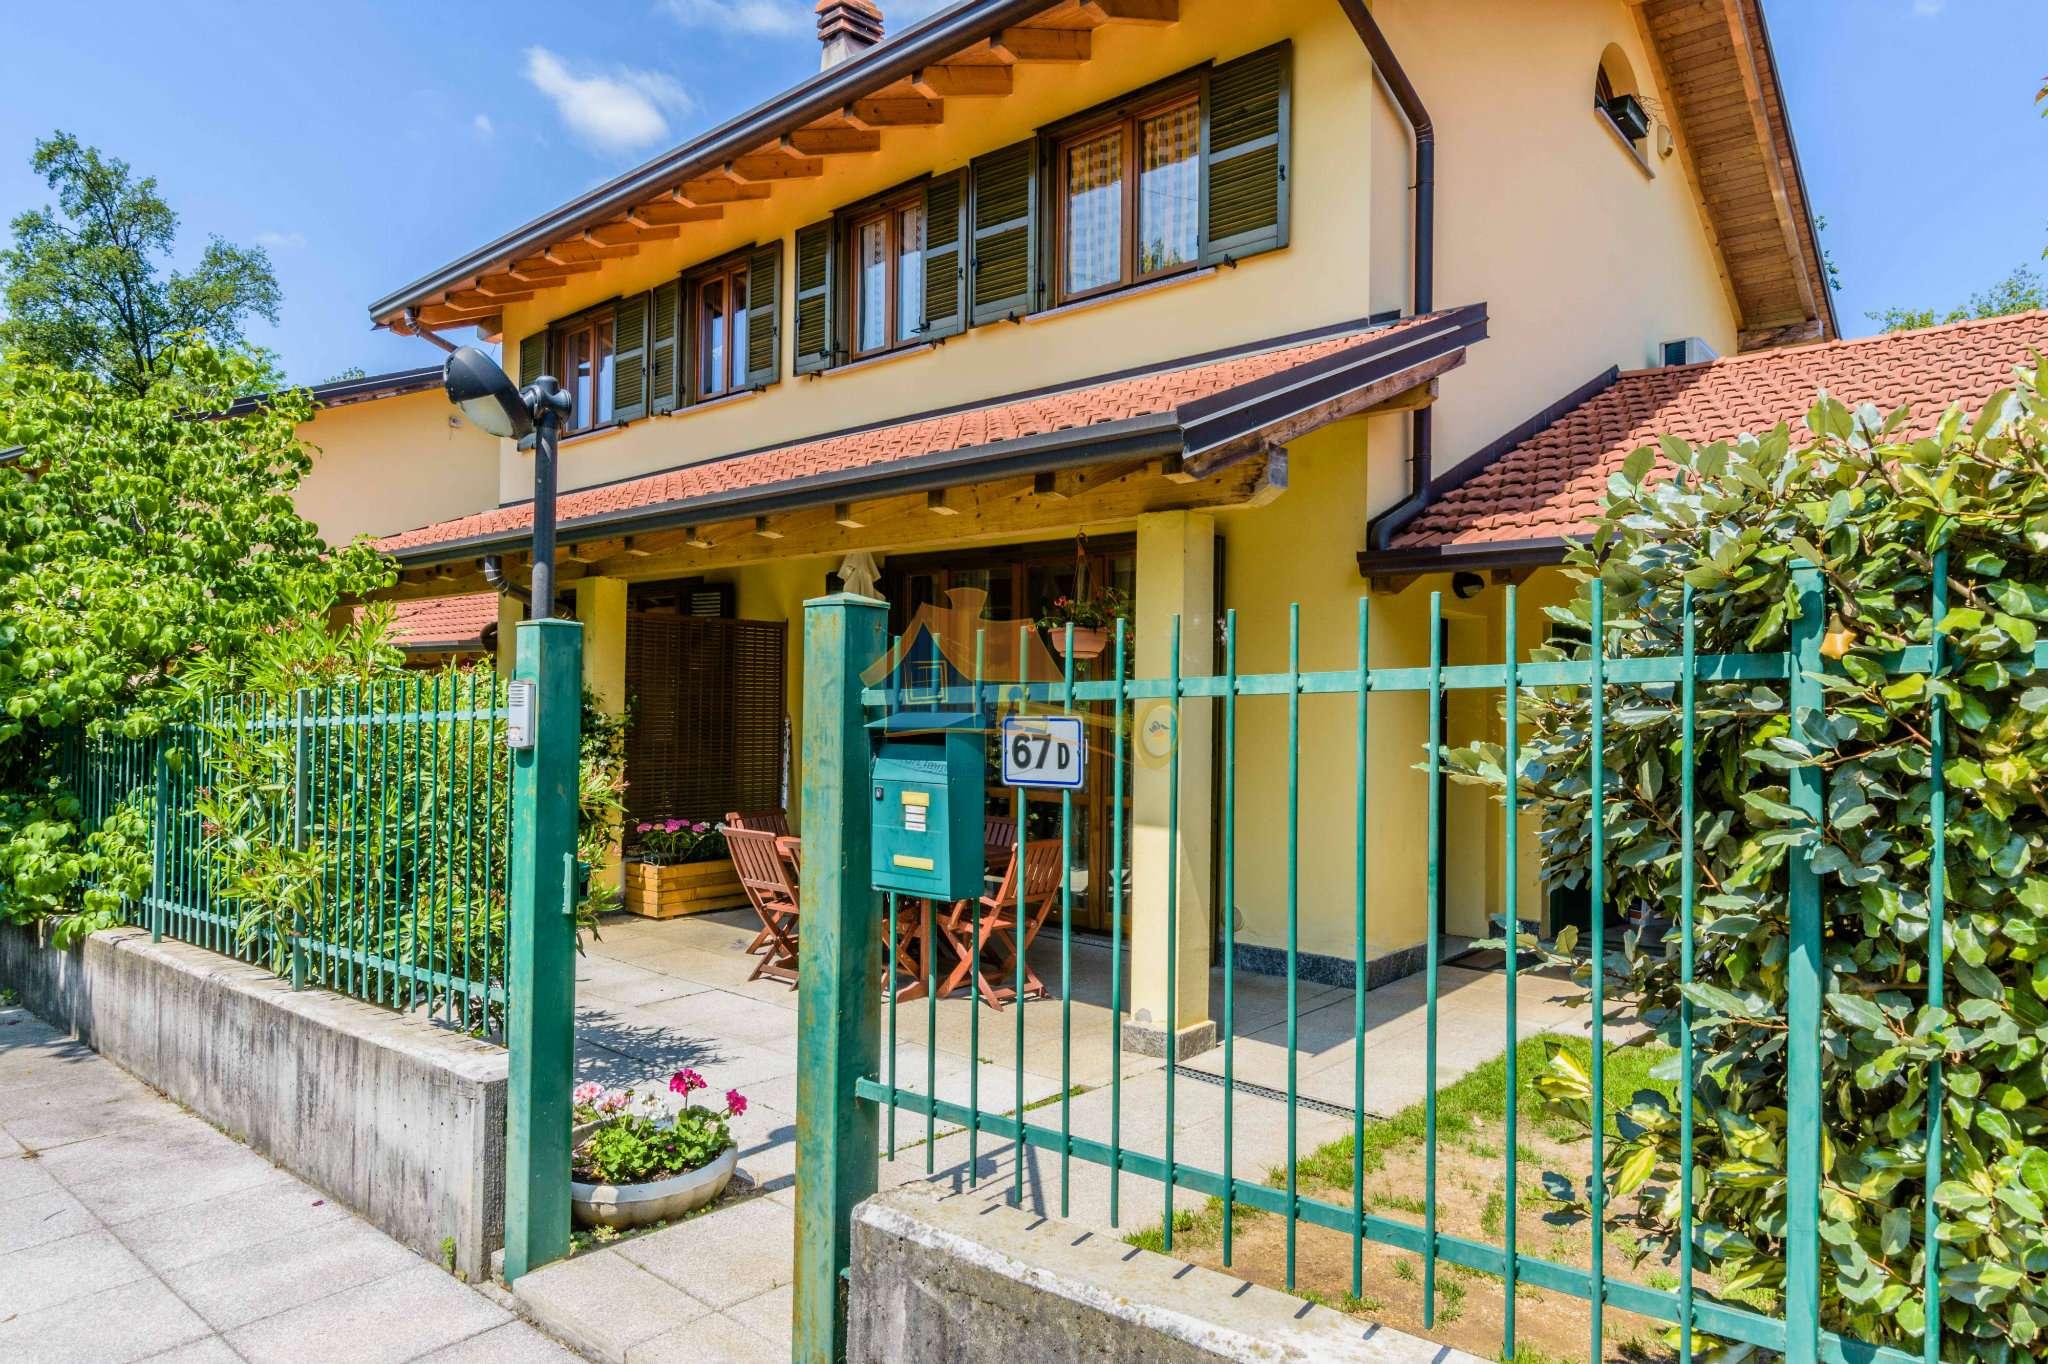 Soluzione Semindipendente in vendita a Castronno, 3 locali, prezzo € 198.000 | Cambio Casa.it